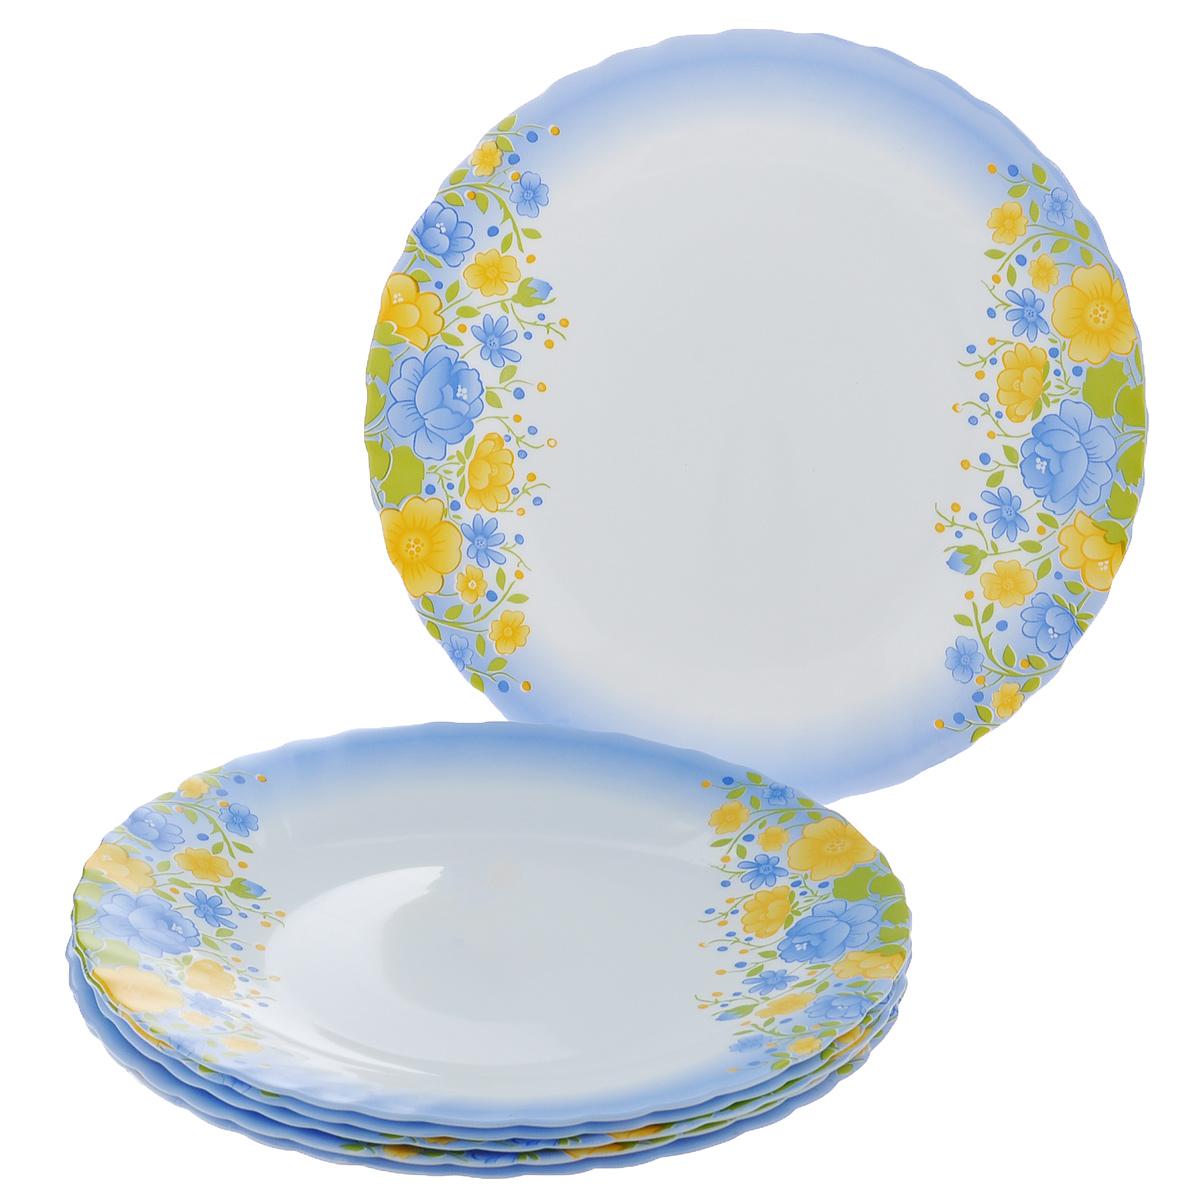 Набор мелких тарелок Bormioli Rocco Prima Spring, цвет: белый, голубой, диаметр 25,5 см, 6 шт403884FN9321655Набор Bormioli Rocco Prima Spring, выполненный из высококачественного упрочненного стекла, состоит из 6 мелких тарелок. Тарелки оформлены изображением цветов. Они сочетают в себе изысканный дизайн с максимальной функциональностью. Оригинальность оформления тарелок придется по вкусу и ценителям классики, и тем, кто предпочитает утонченность и изящность. Набор тарелок послужит отличным подарком к любому празднику.